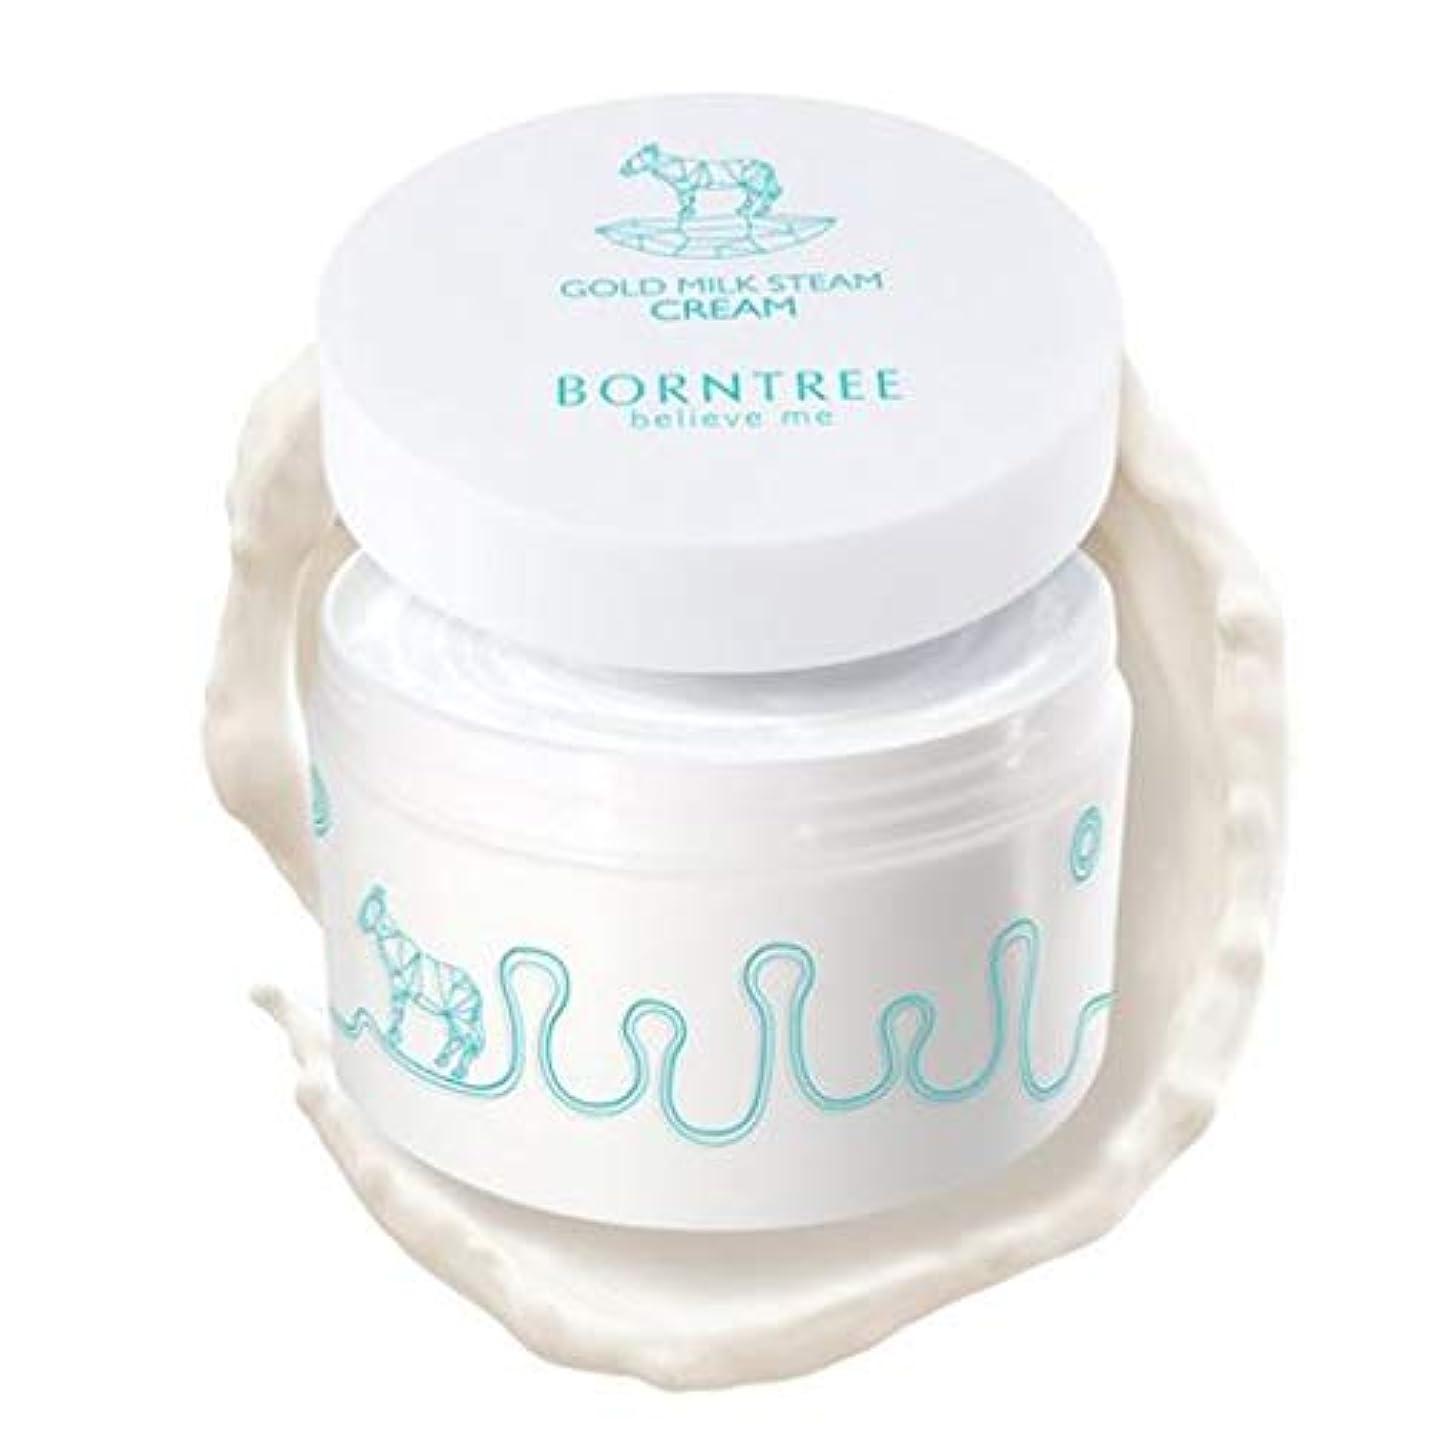 バレーボールプライムスラック[BONTREE] 本ツリーゴールドミルク大容量のタンパク質水分クリーム 200g/子供から大人まで使用可能/低刺激クリーム/ヤギミルク抽出物含有並行輸入品]